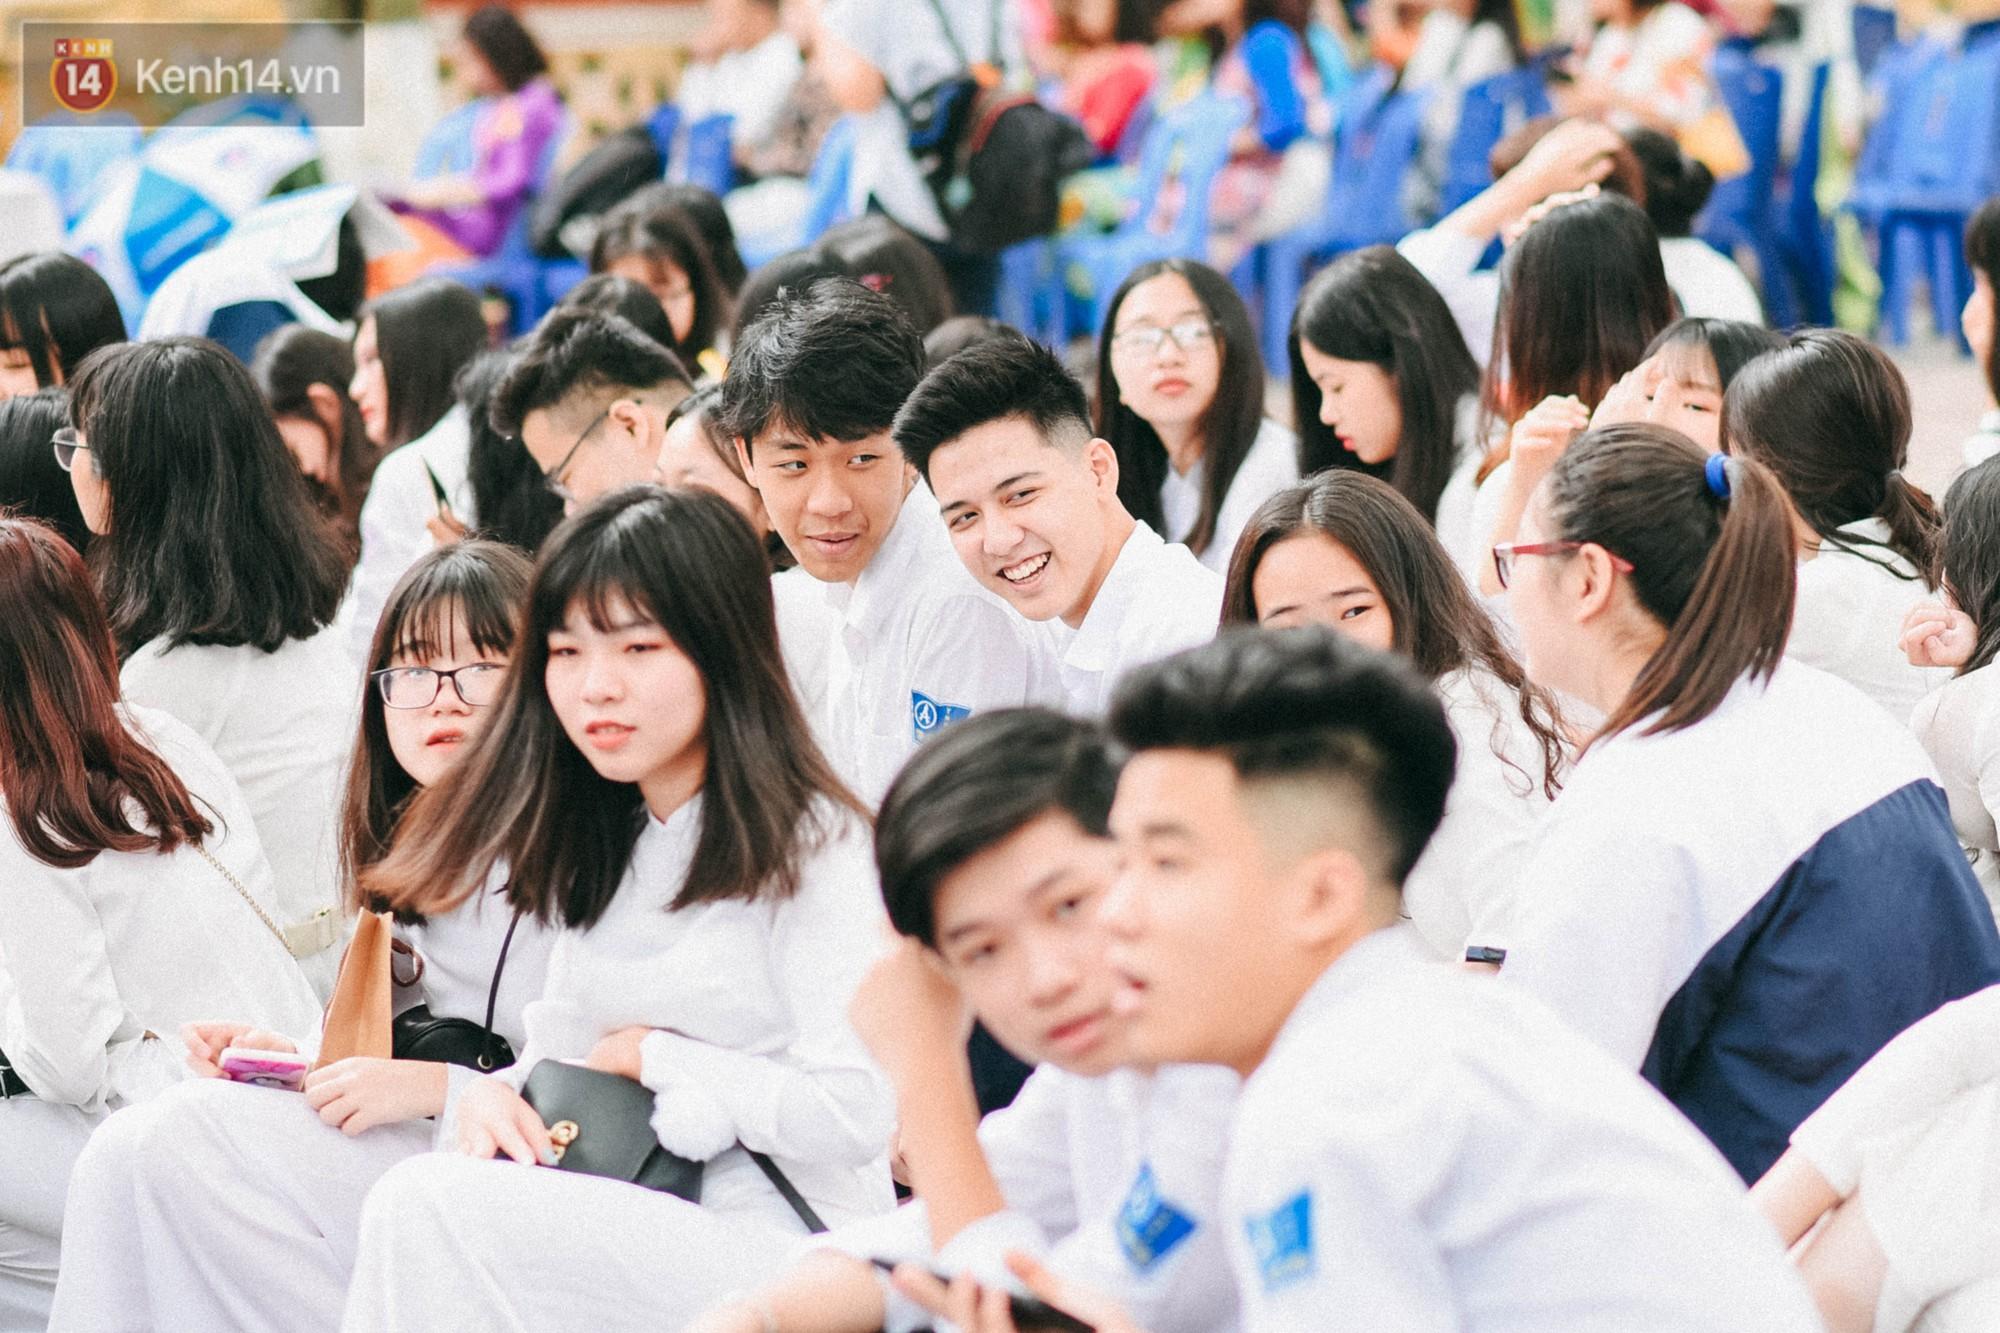 Hotboy cầm cờ Hồng Đăng - soái ca năm nào của trường Phan Đình Phùng bây giờ ra sao? - Ảnh 11.